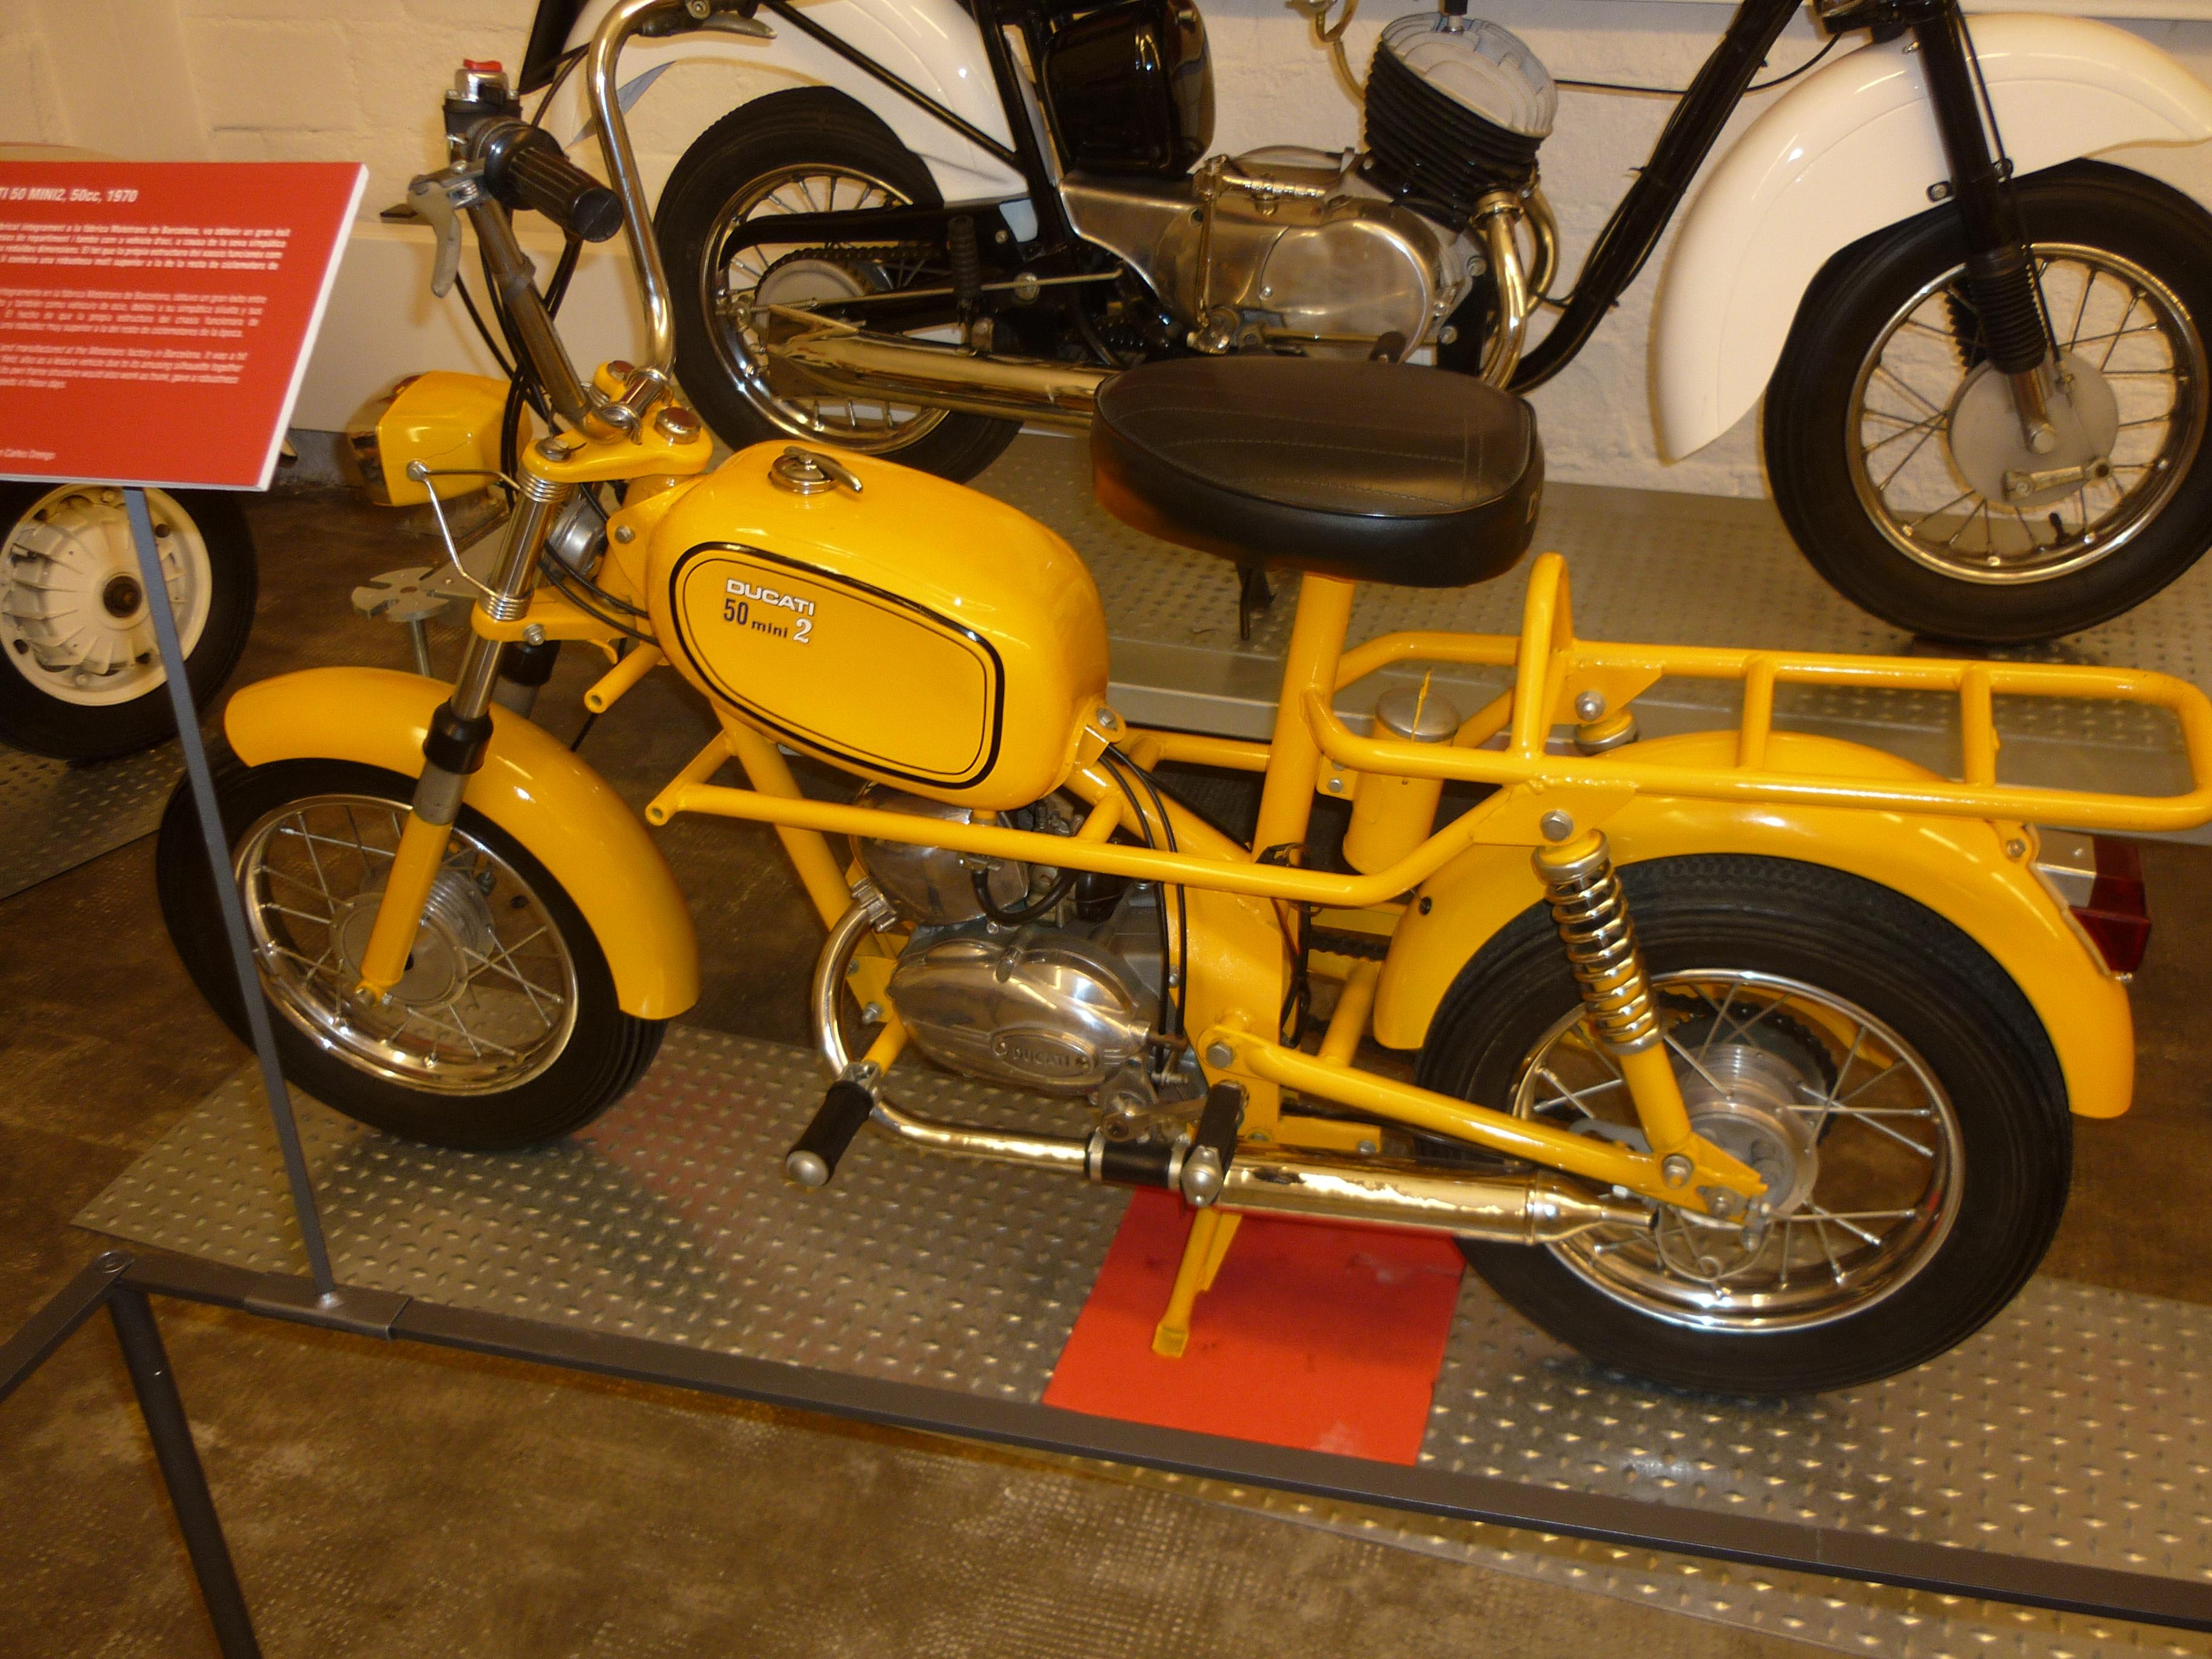 Mini Bike Ducati : Ducati cc idea de imagen motocicleta